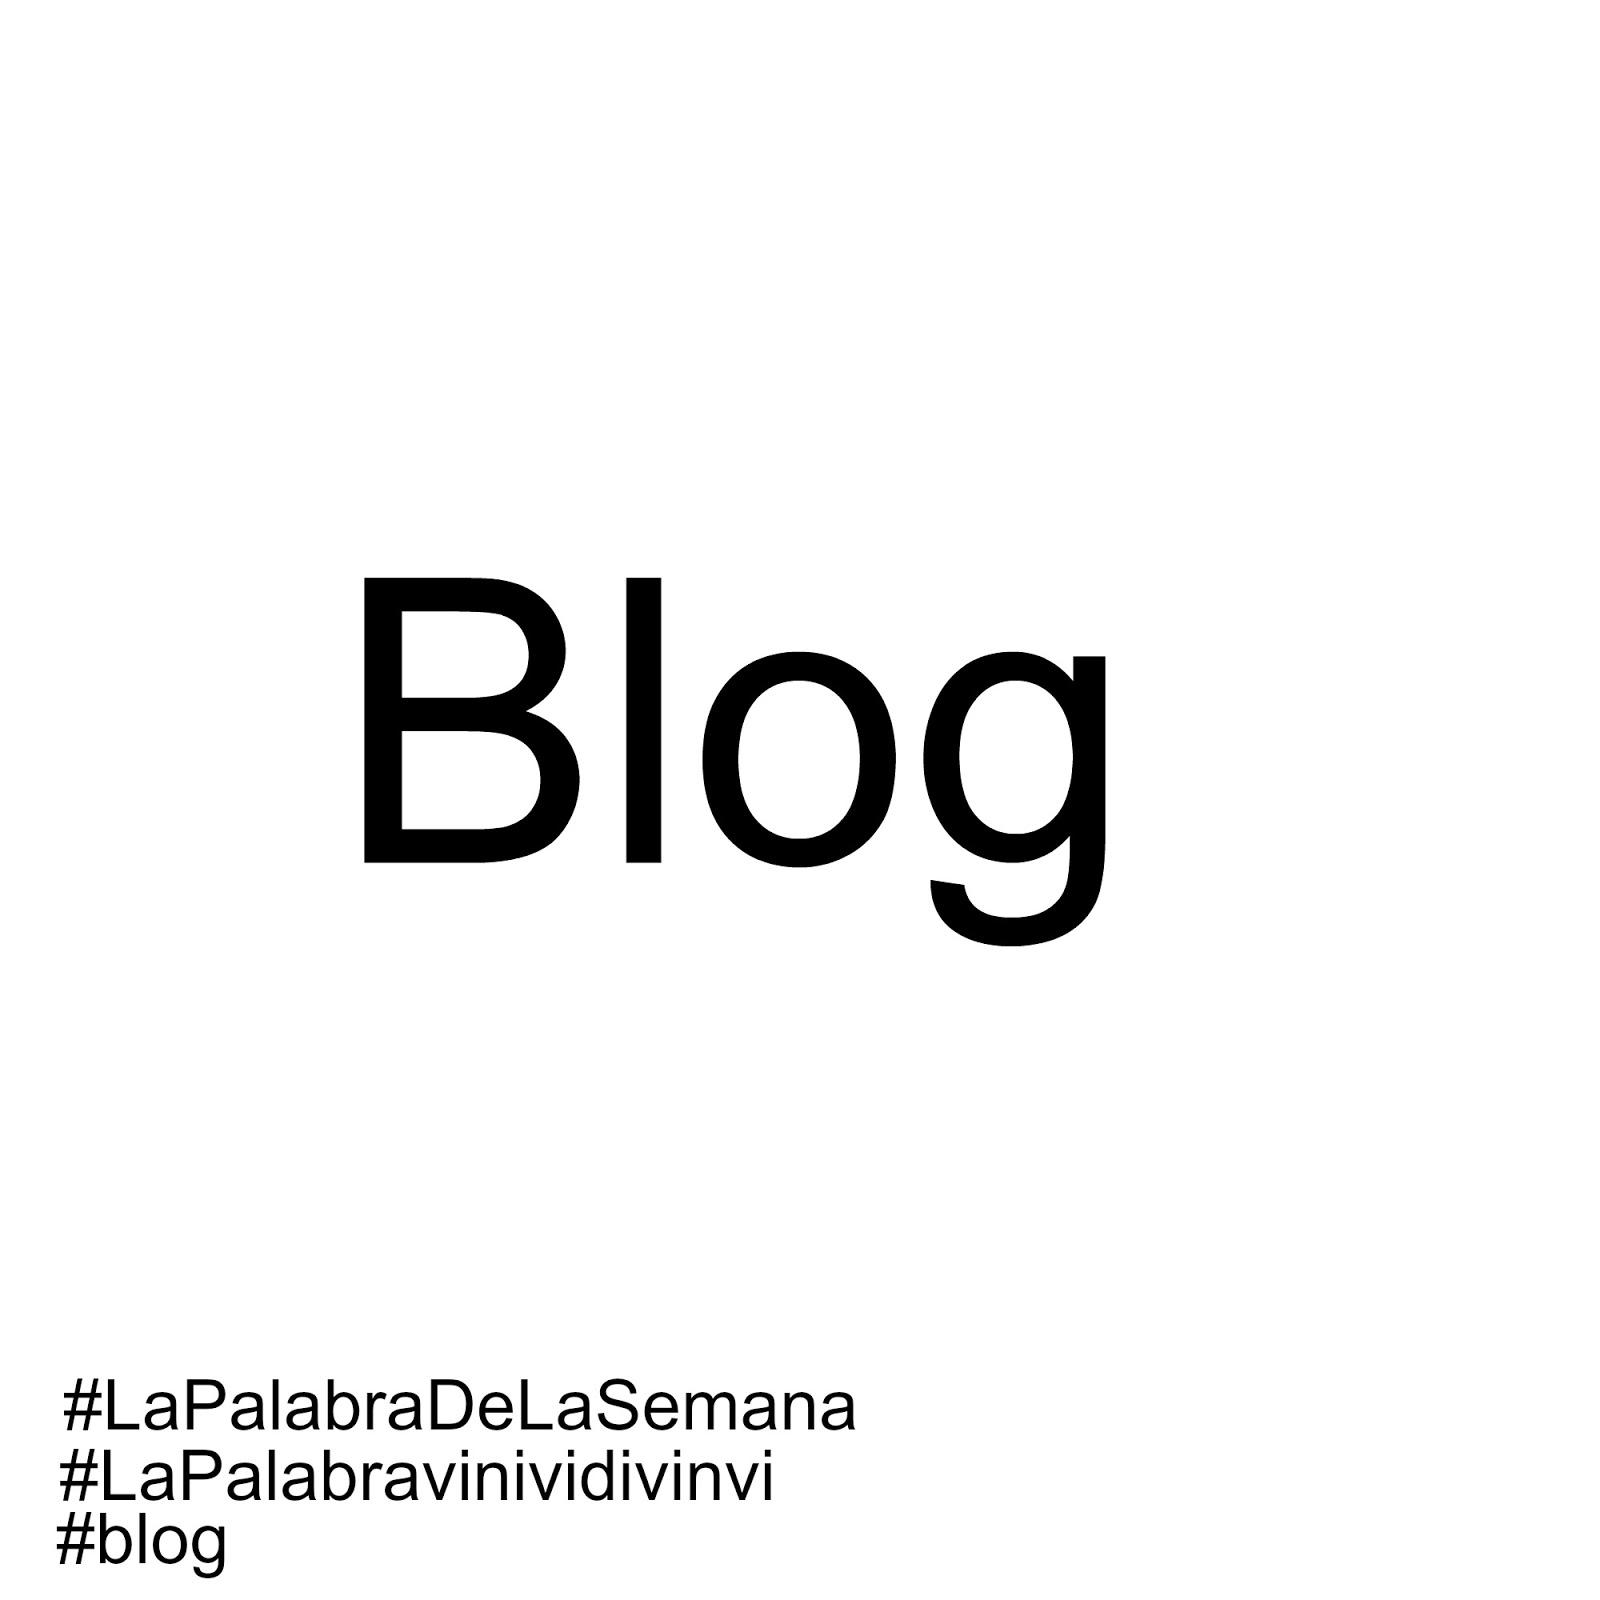 La palabra de la semana: #Blog #lapalabradelasemana #lapalabravinividivinvi